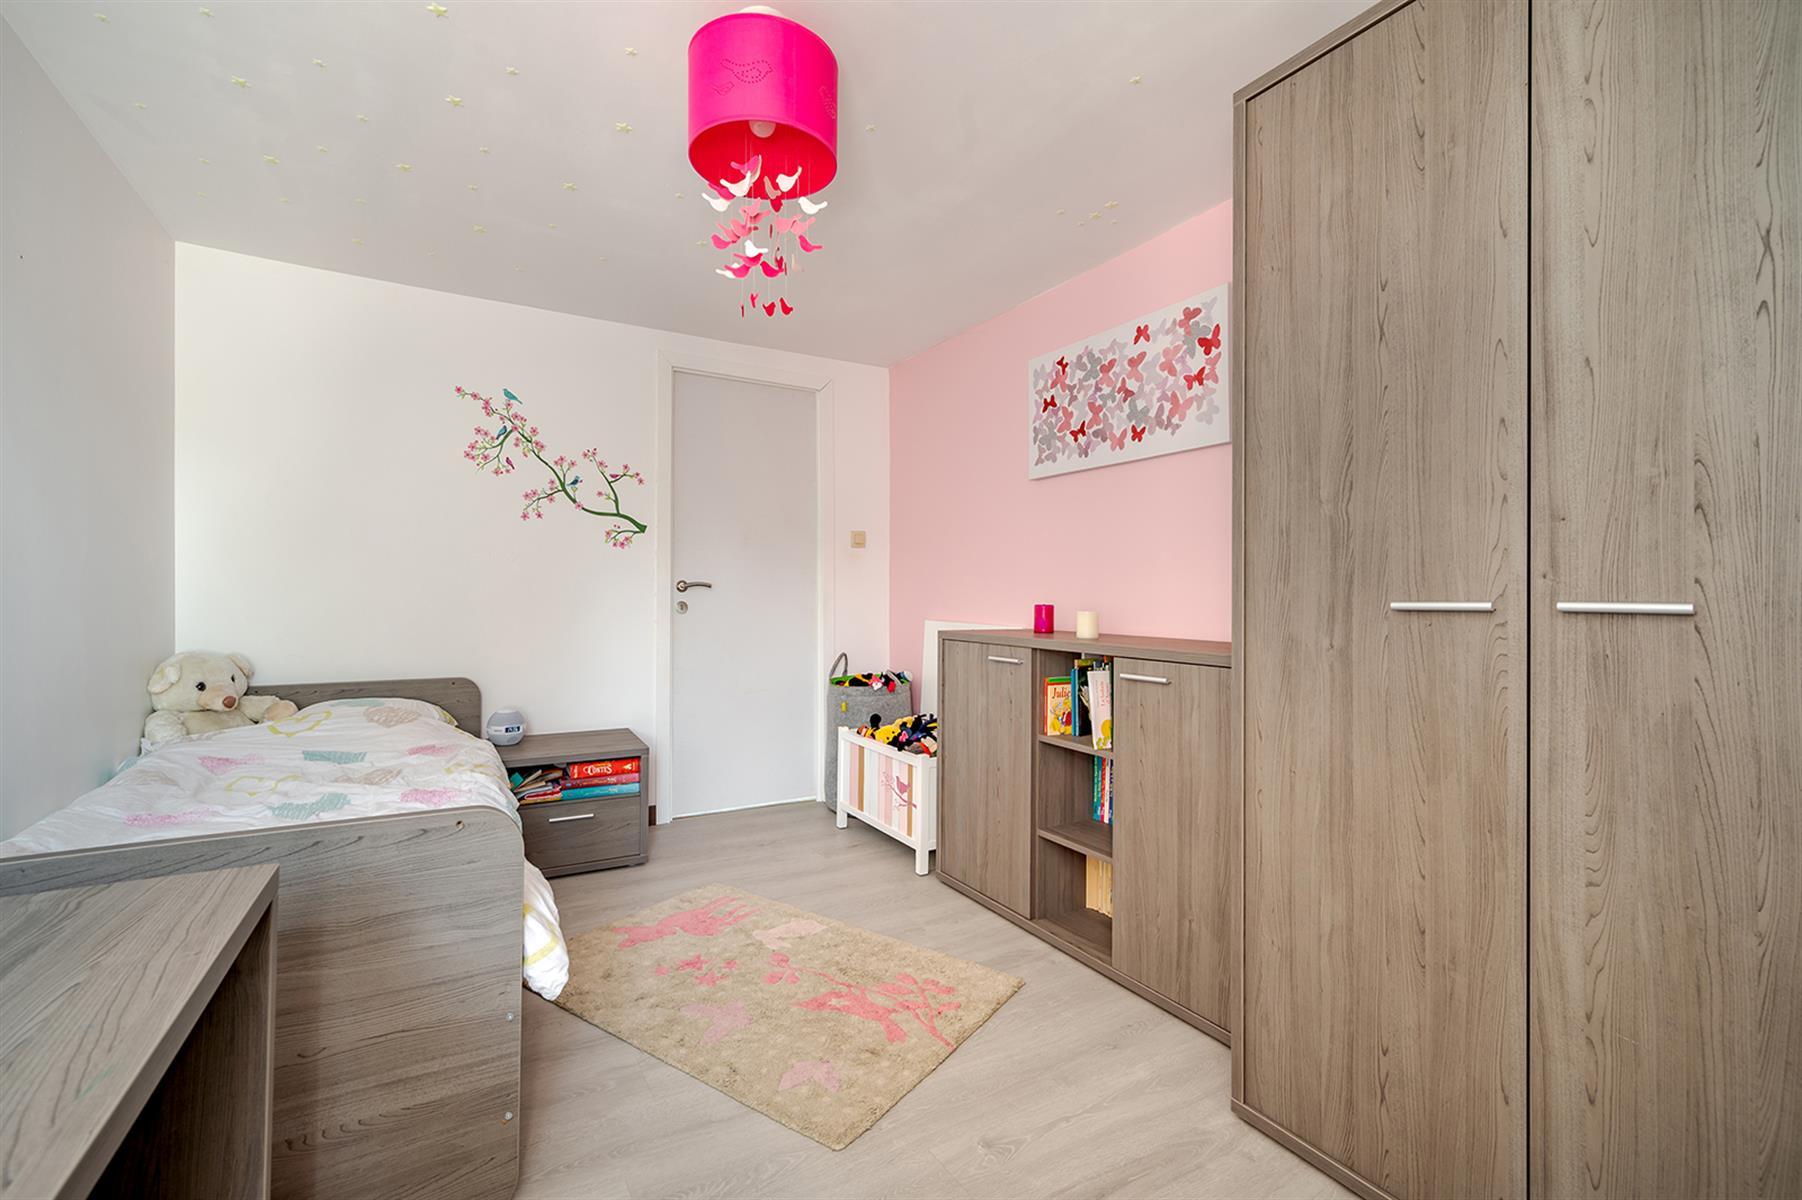 Maison - Villersle-Bouillet Warnant-Dreye - #4392377-14